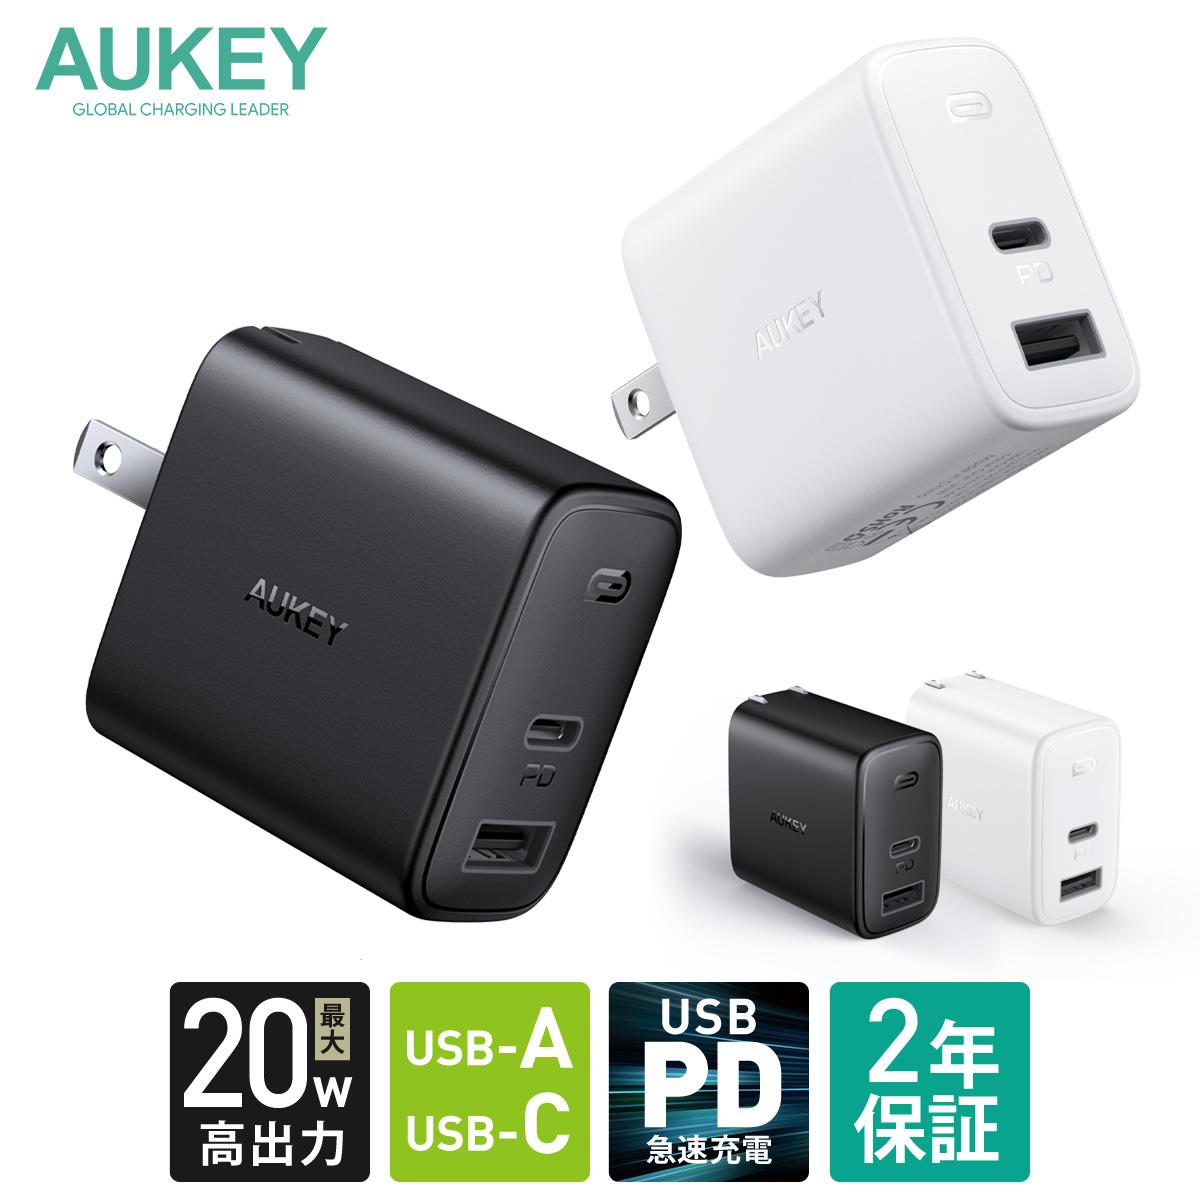 2台をすっきり急速充電 最大20Wのパワフル出力 スマホ iphone12 充電器 AUKEY オーキー Swift Duo 32W ブラック ホワイト Android 急速 type-a 数量限定アウトレット最安価格 type-c USB 2年保証 2ポート 高速 20W出力対応 PA-F3S ストア